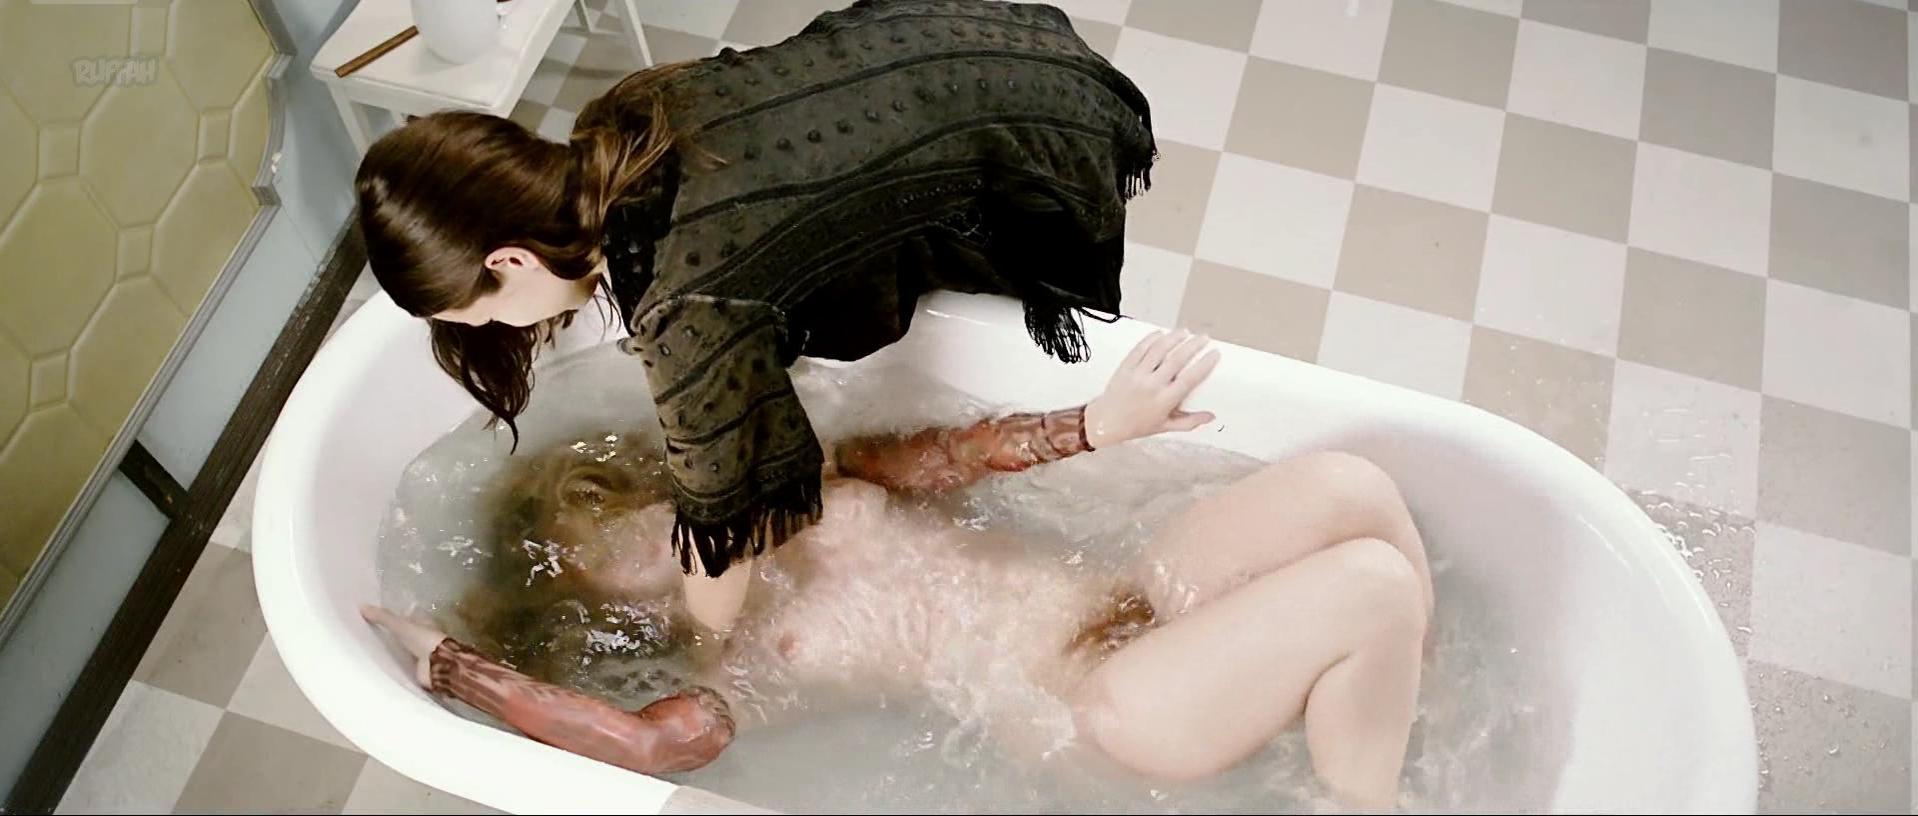 Milla-Mari Pylkkanen nude - Seitsemantoista s01e03 (2017)